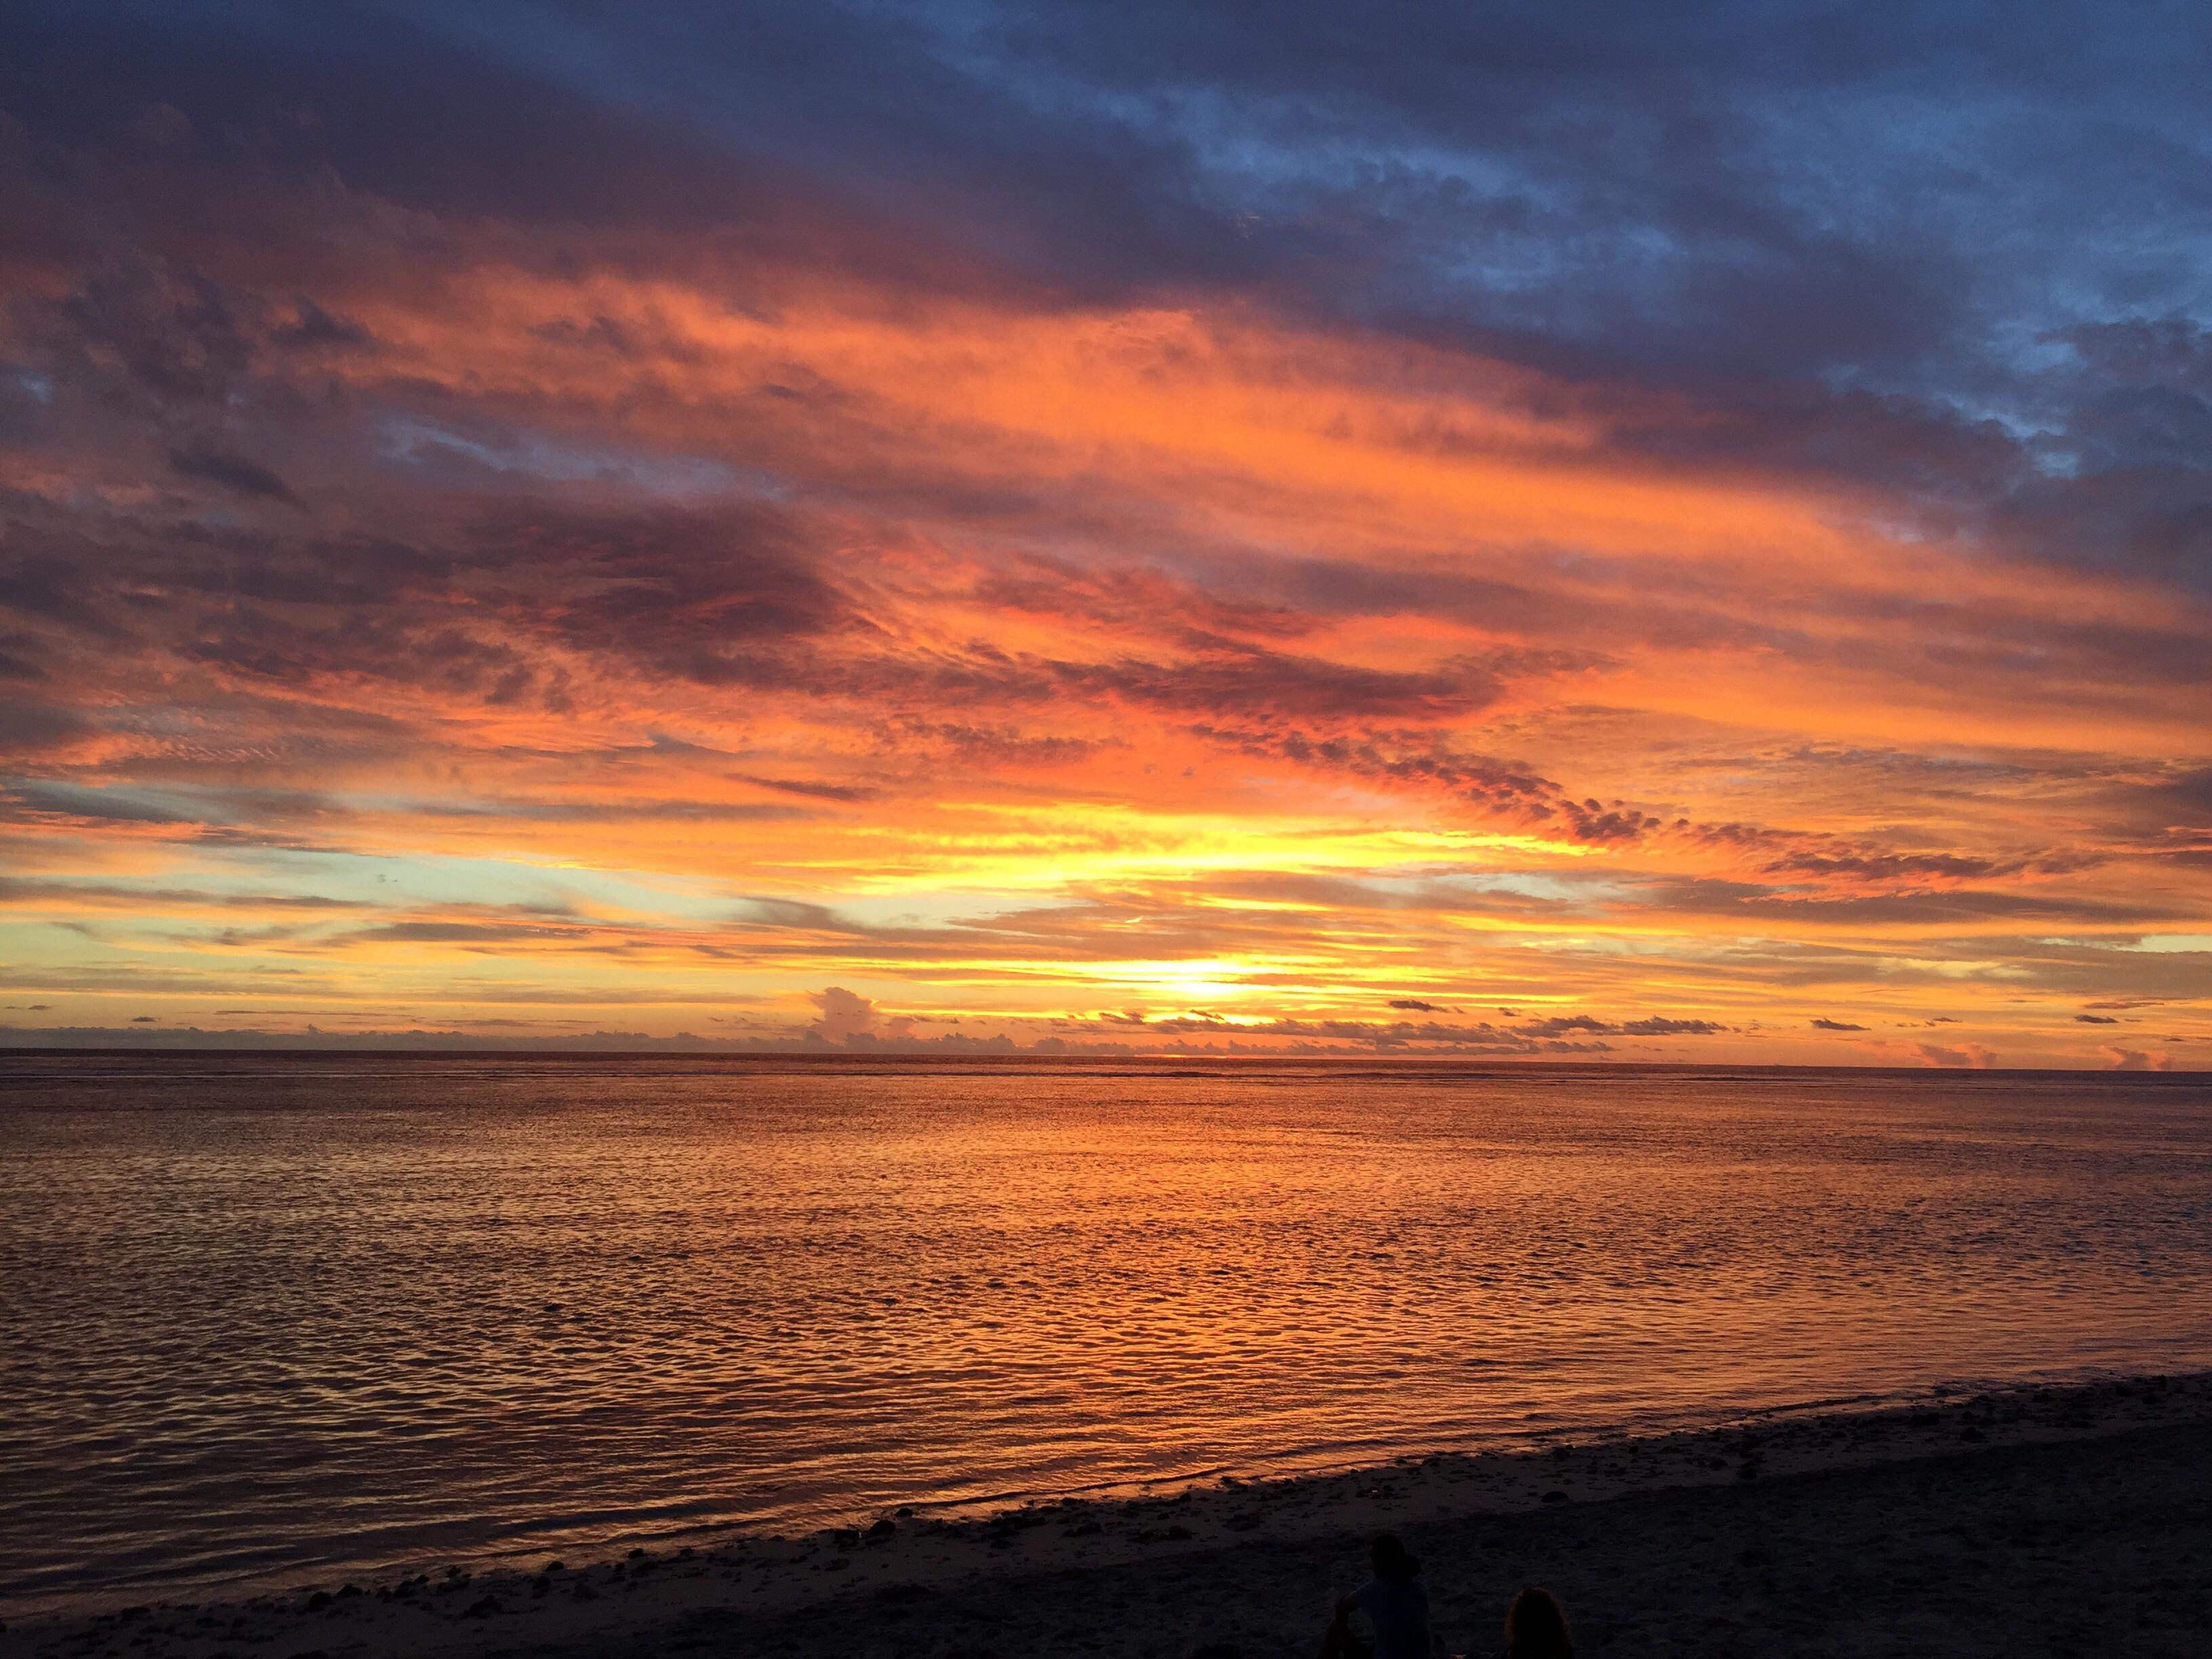 Les plus beaux couchers de soleil de la r union les - Les plus beaux coucher de soleil sur la mer ...